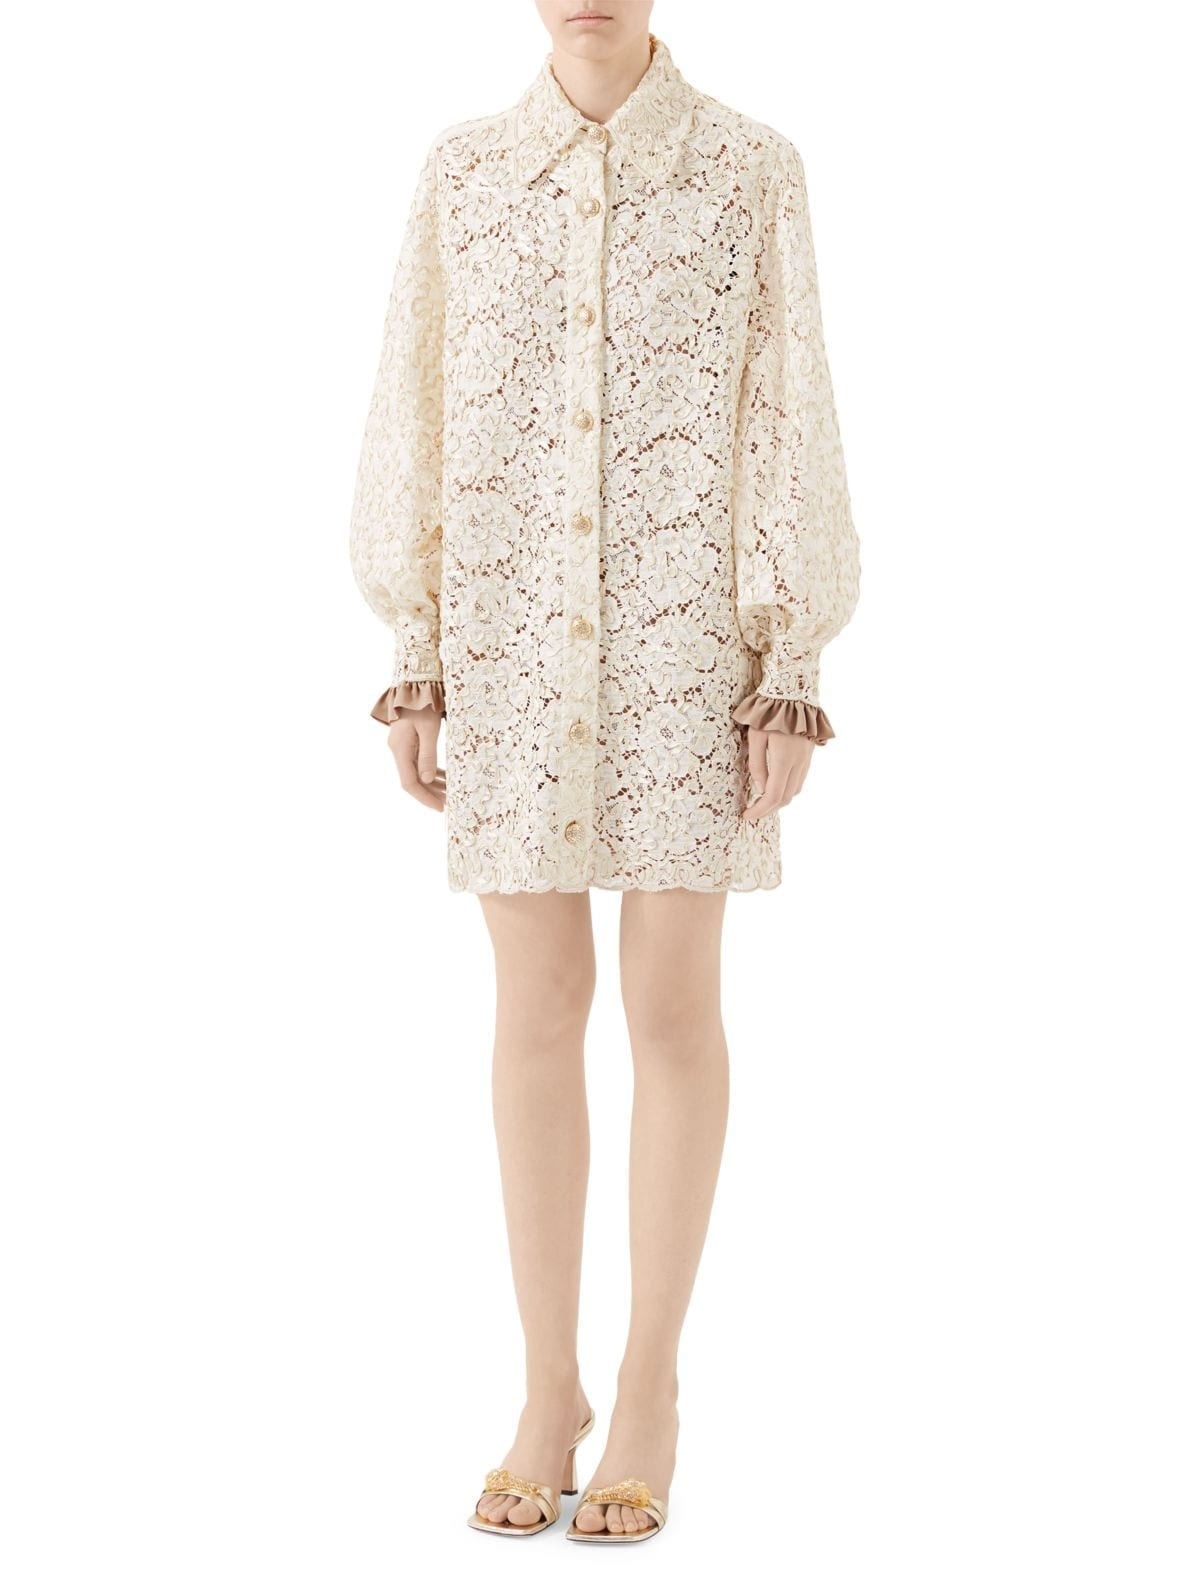 GUCCI Floral Lace Shirt Dress